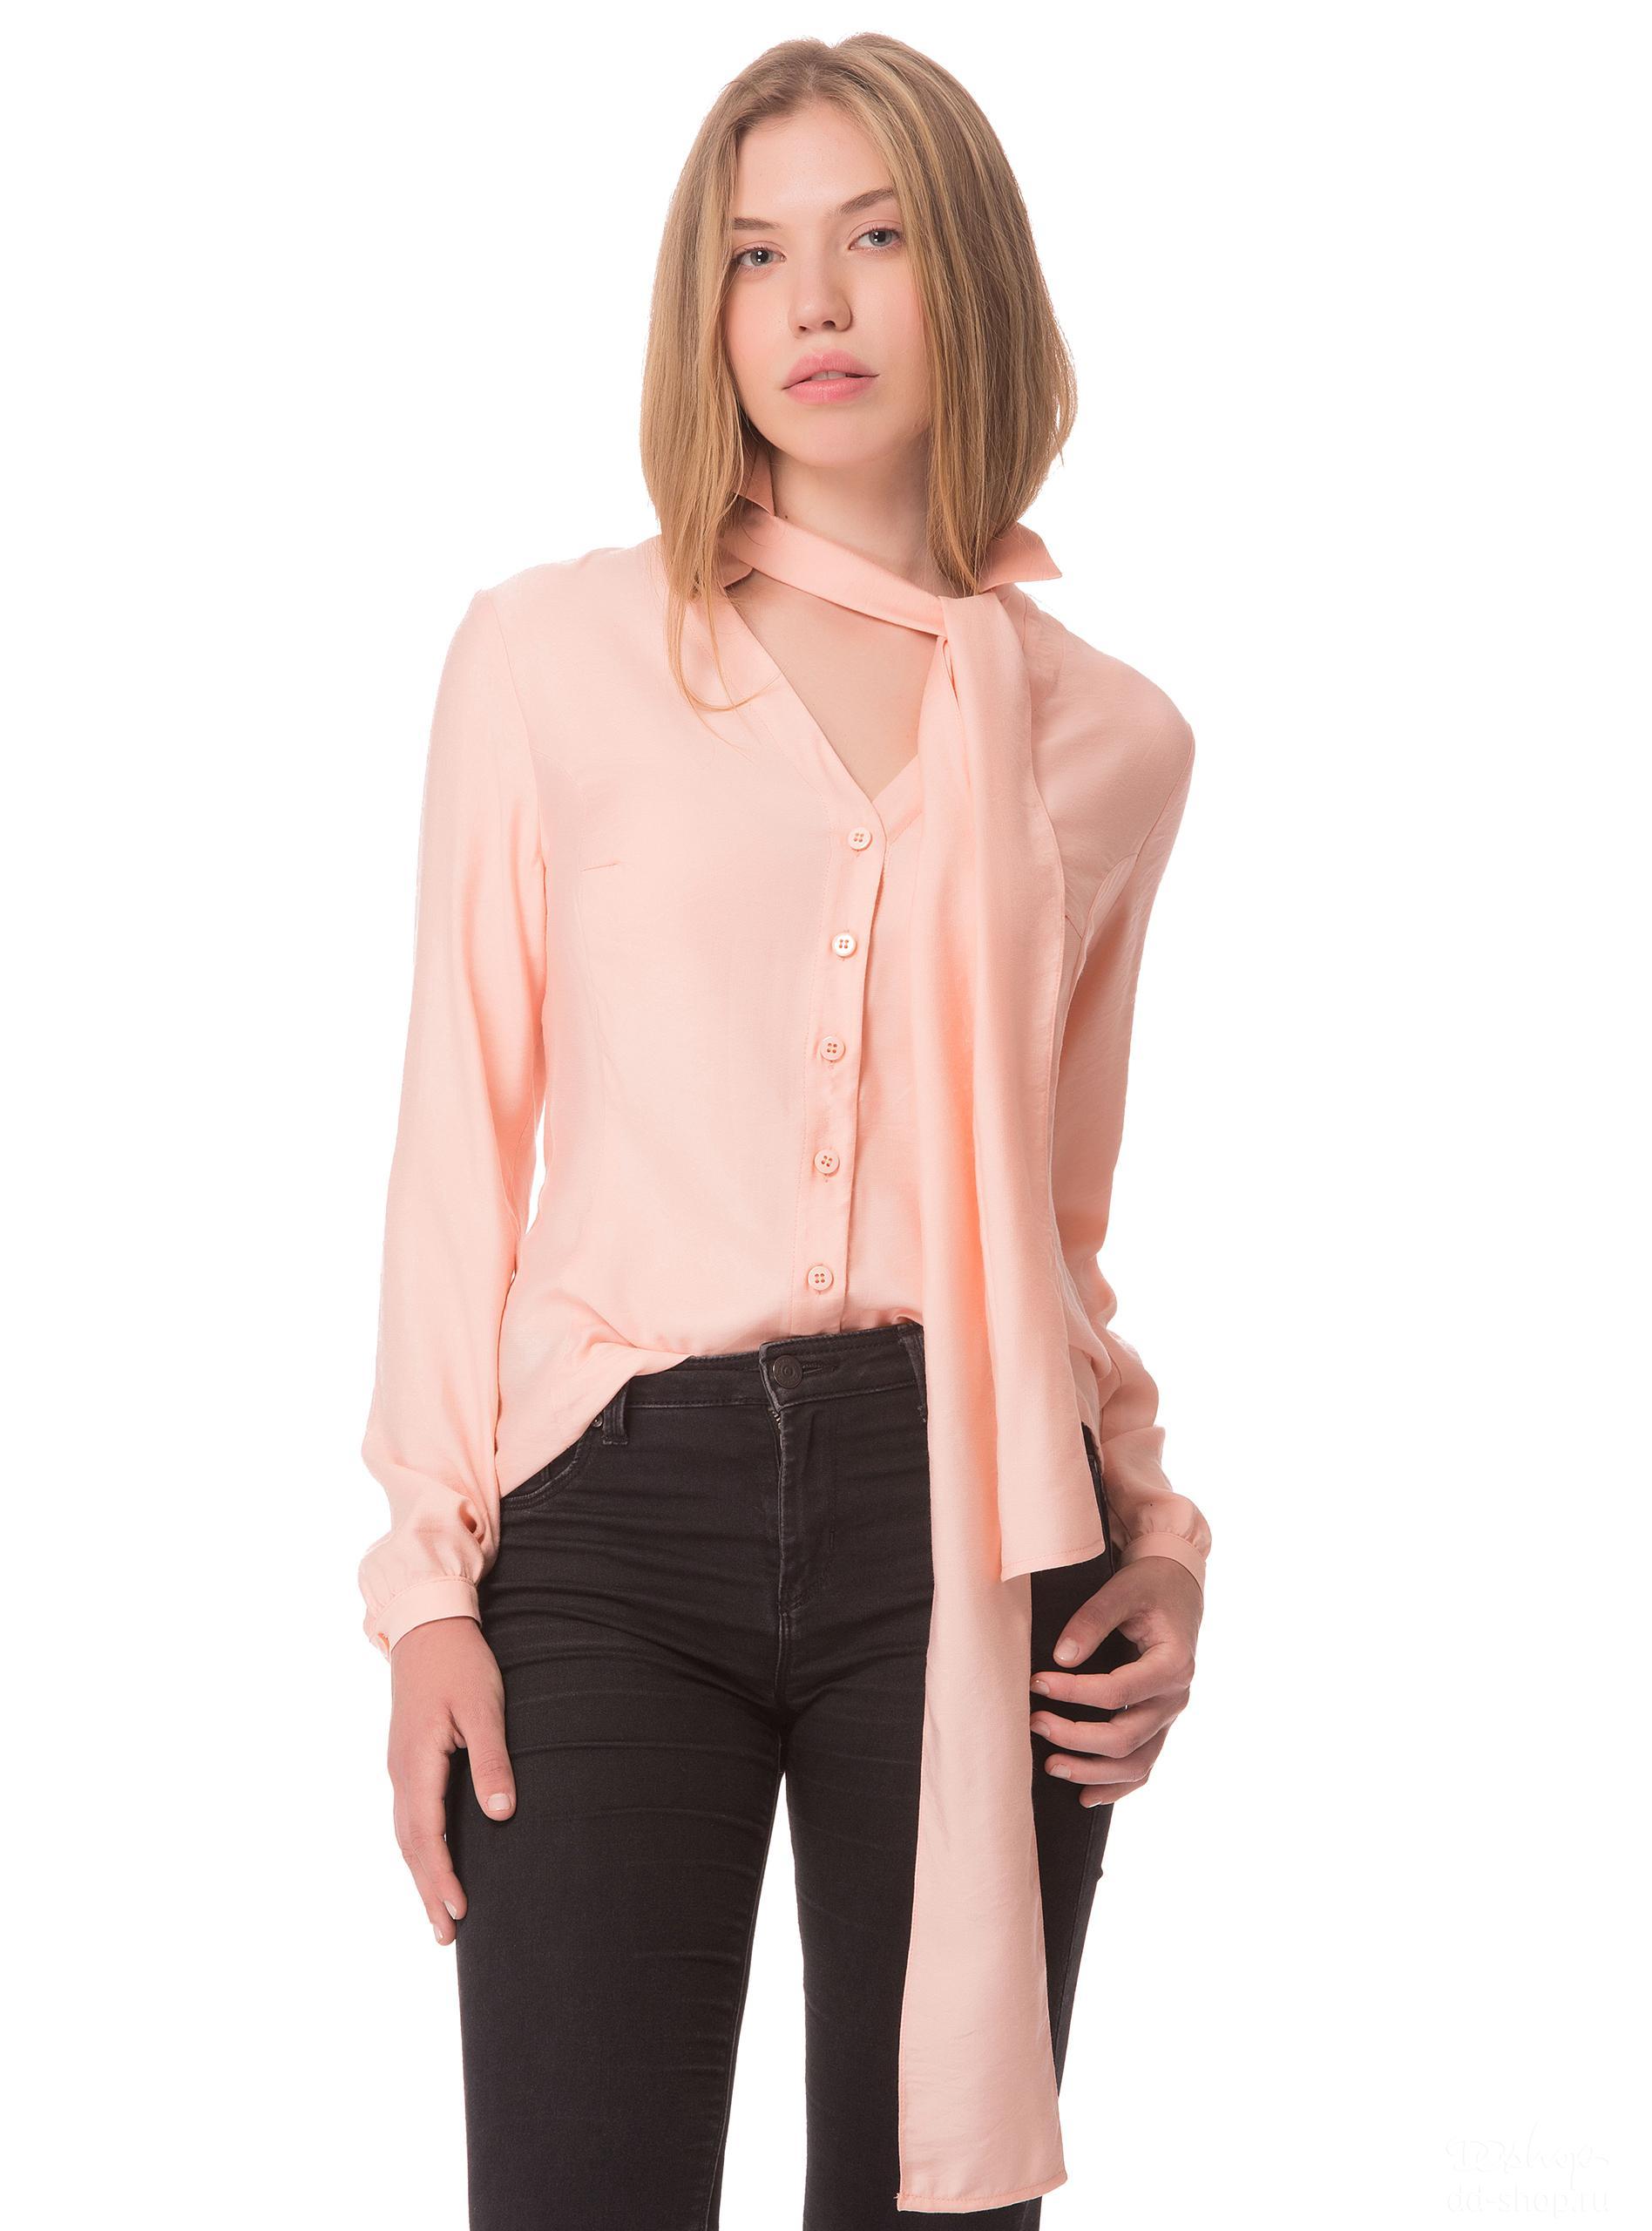 Блузку Под Пиджак Купить